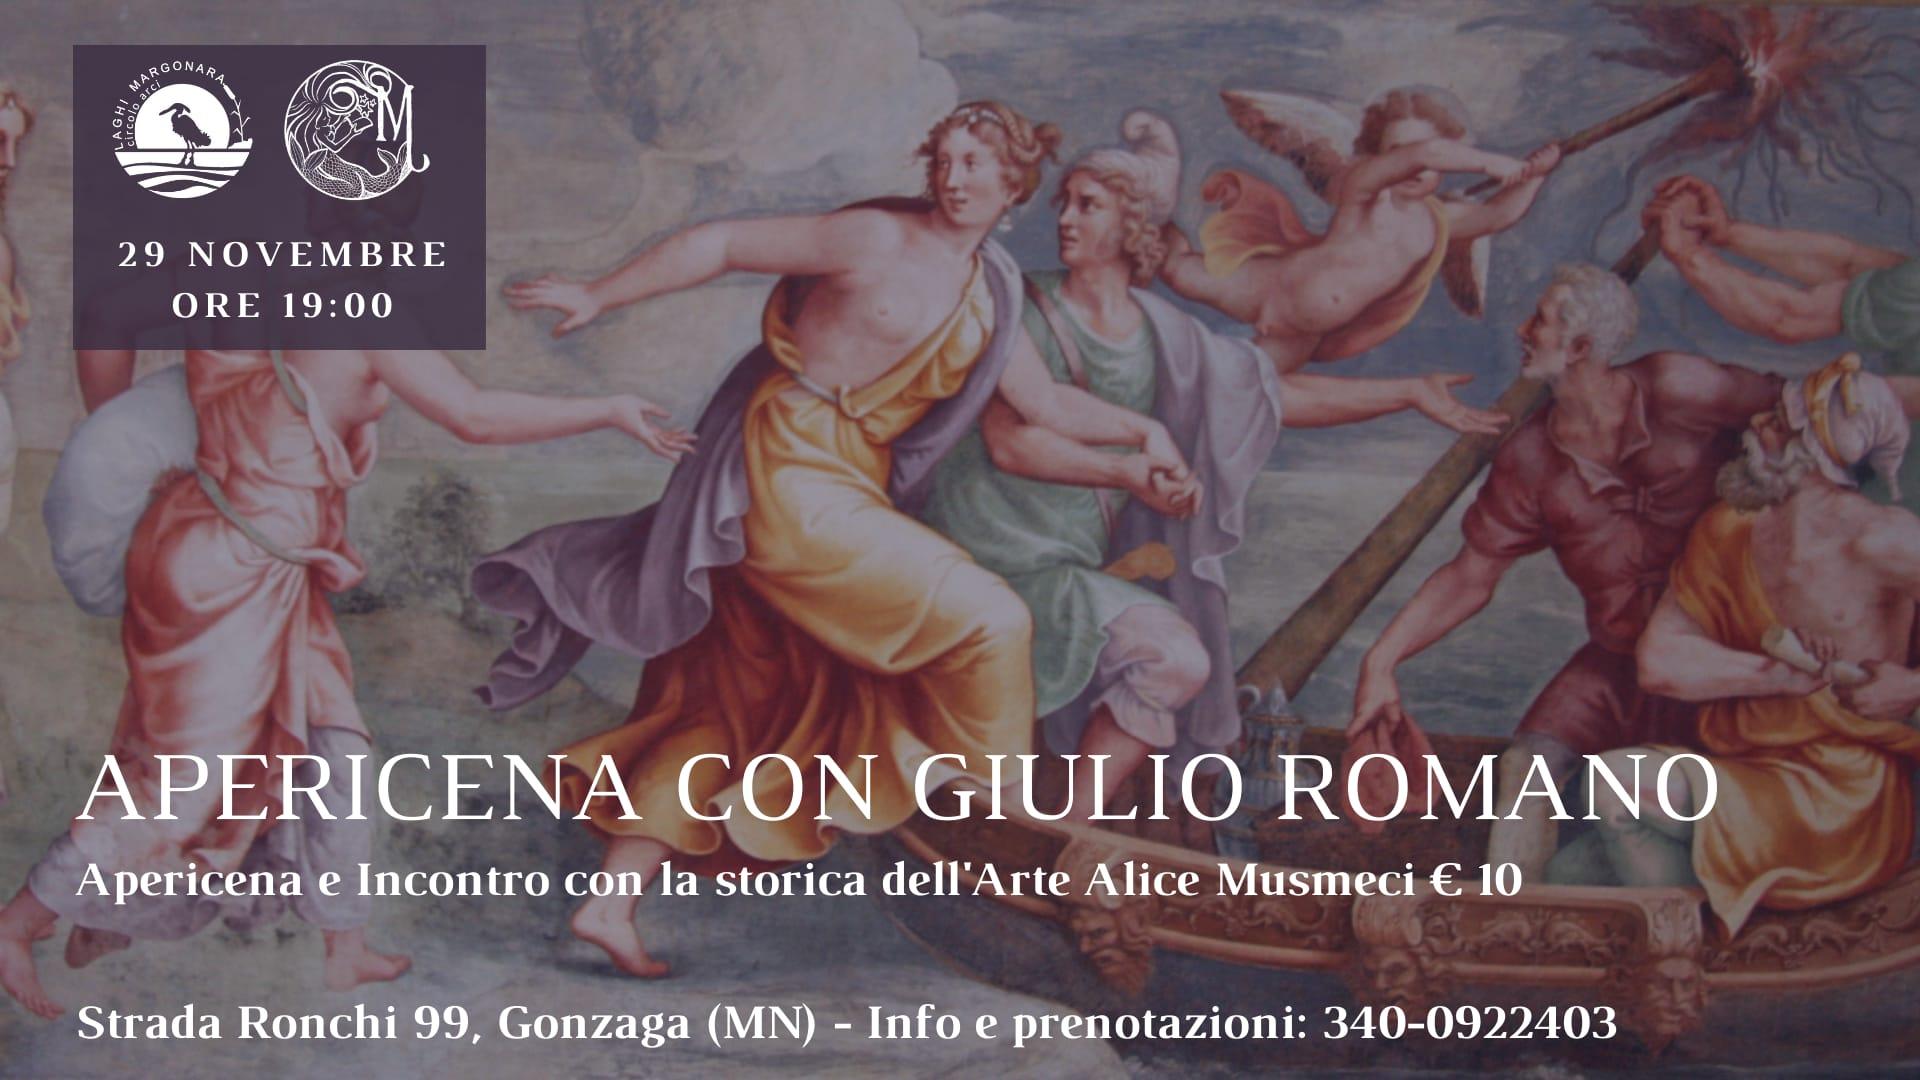 Apericena con Giulio Romano